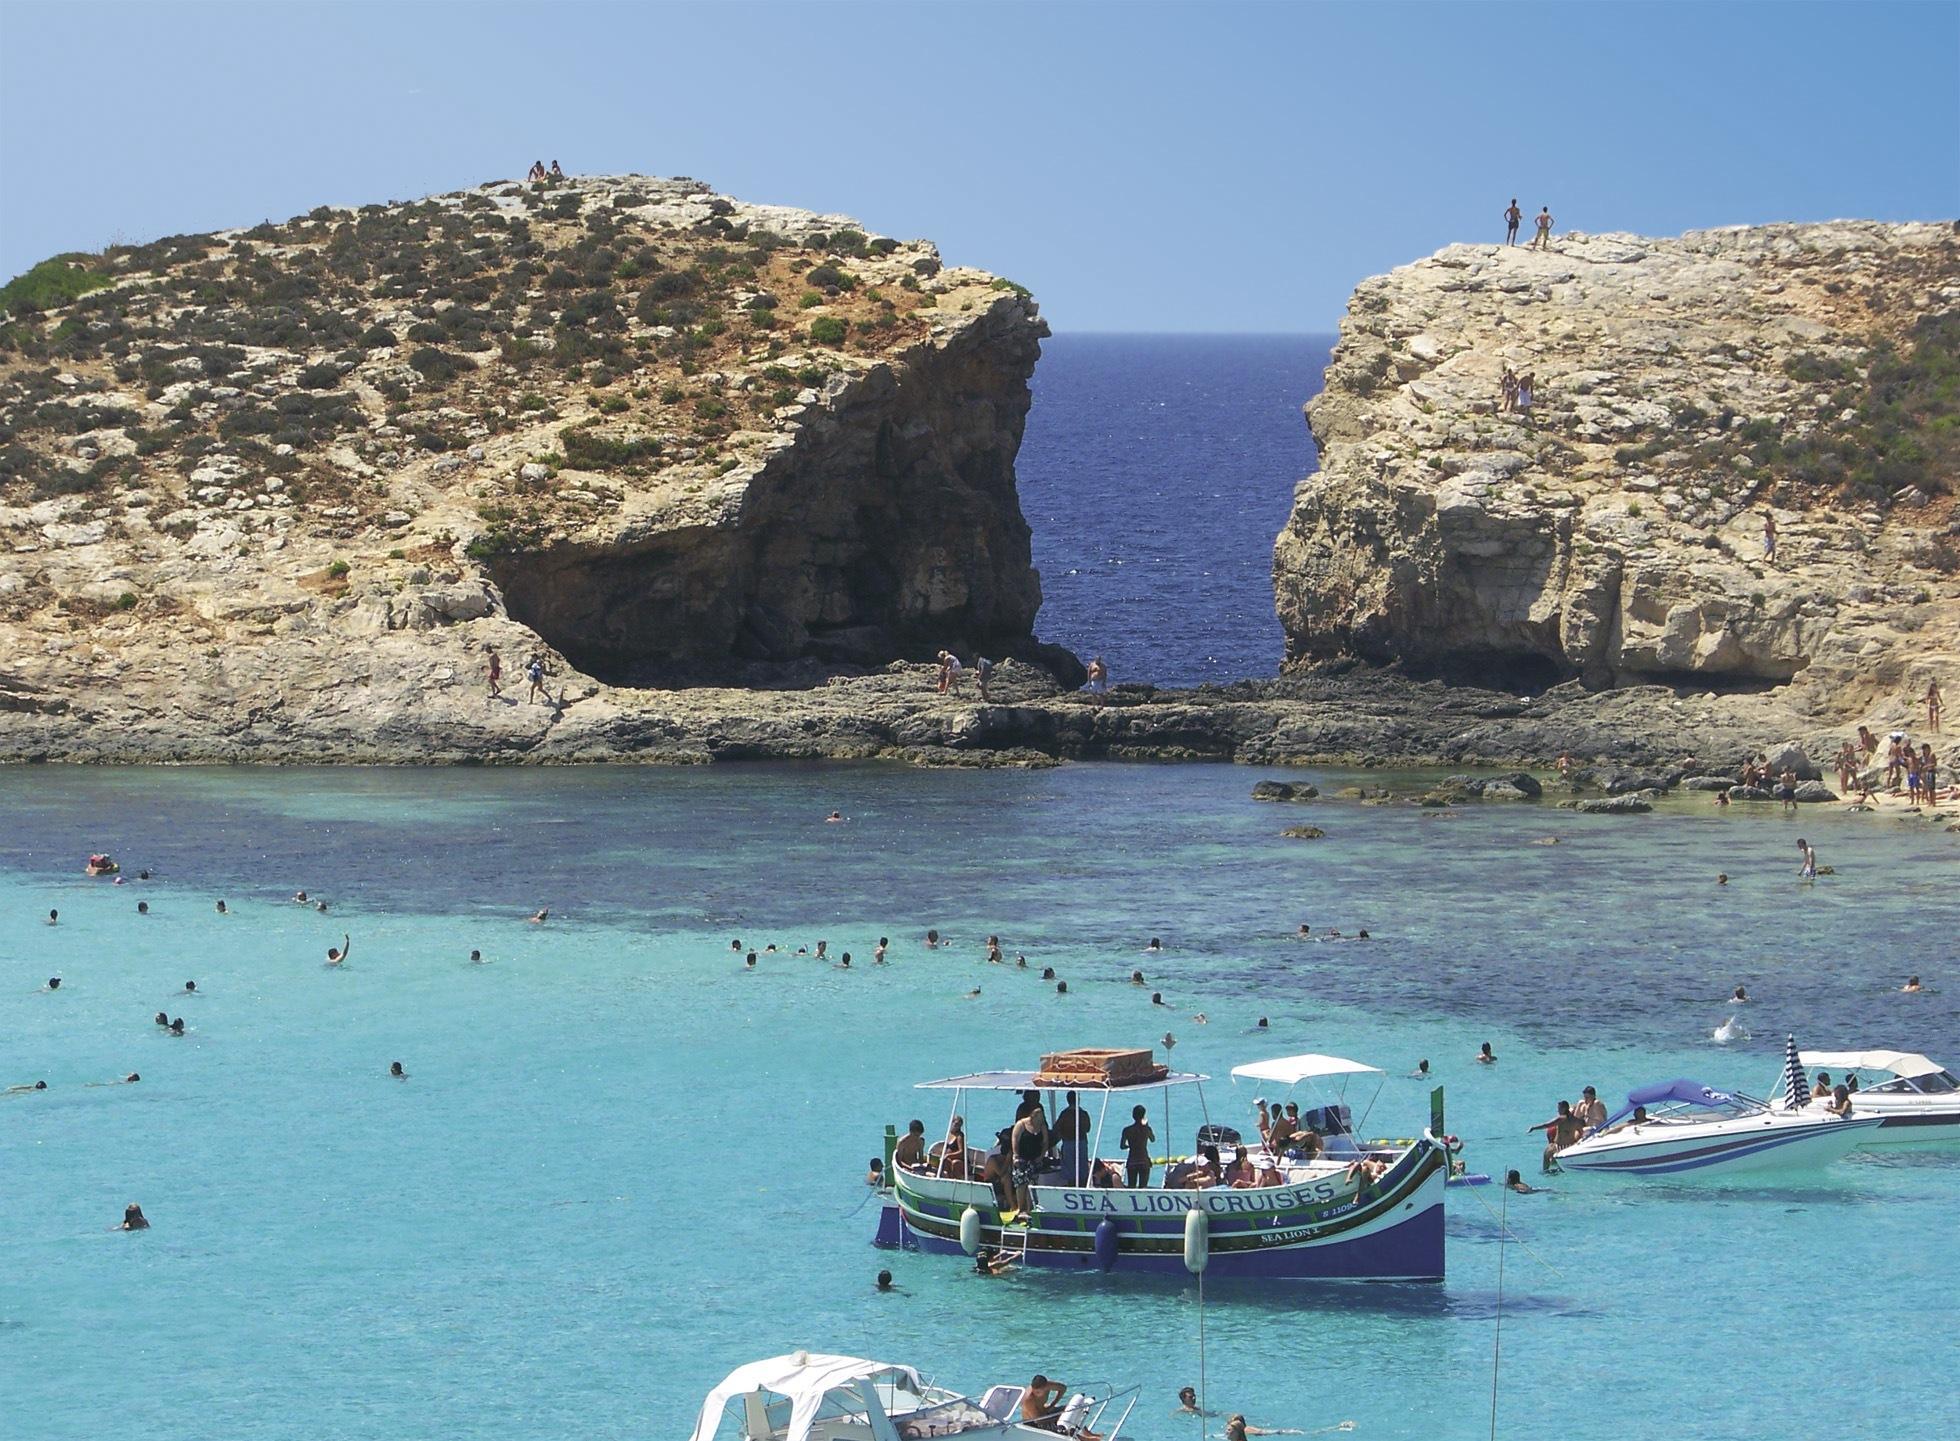 青く澄み渡る地中海